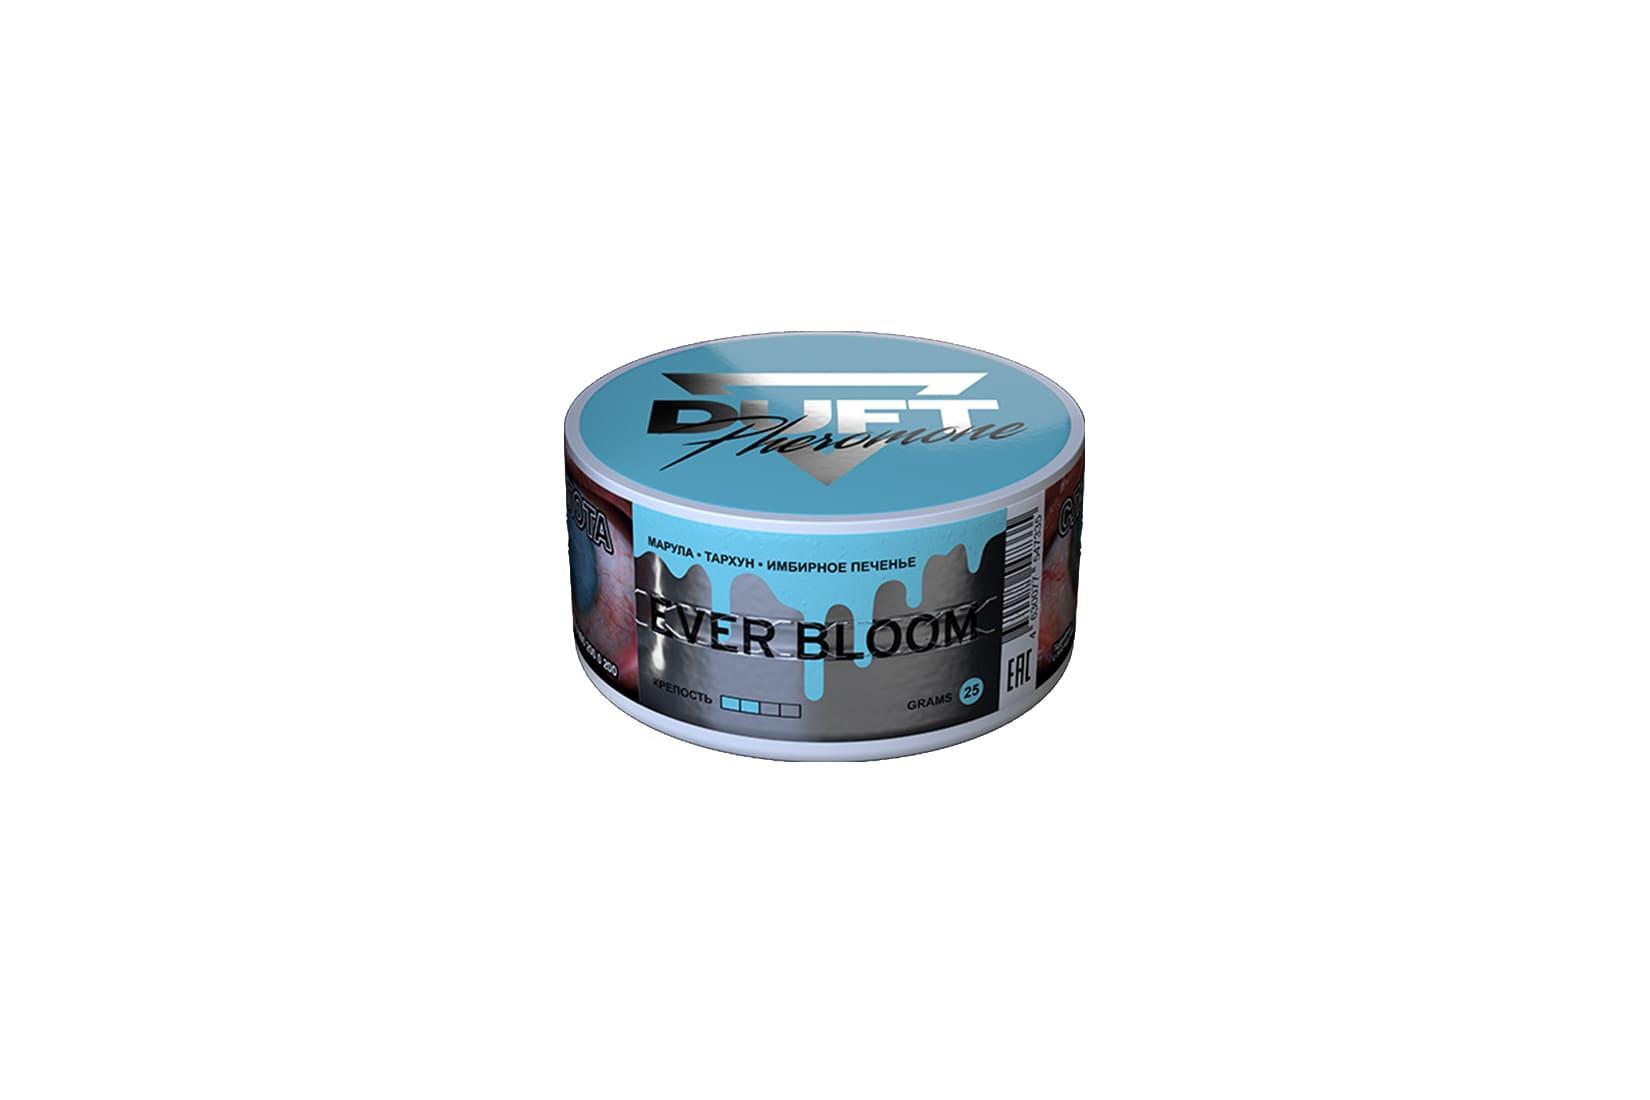 Табак для кальяна Duft Pheromon EVER BLOOM: описание, миксы, отзывы